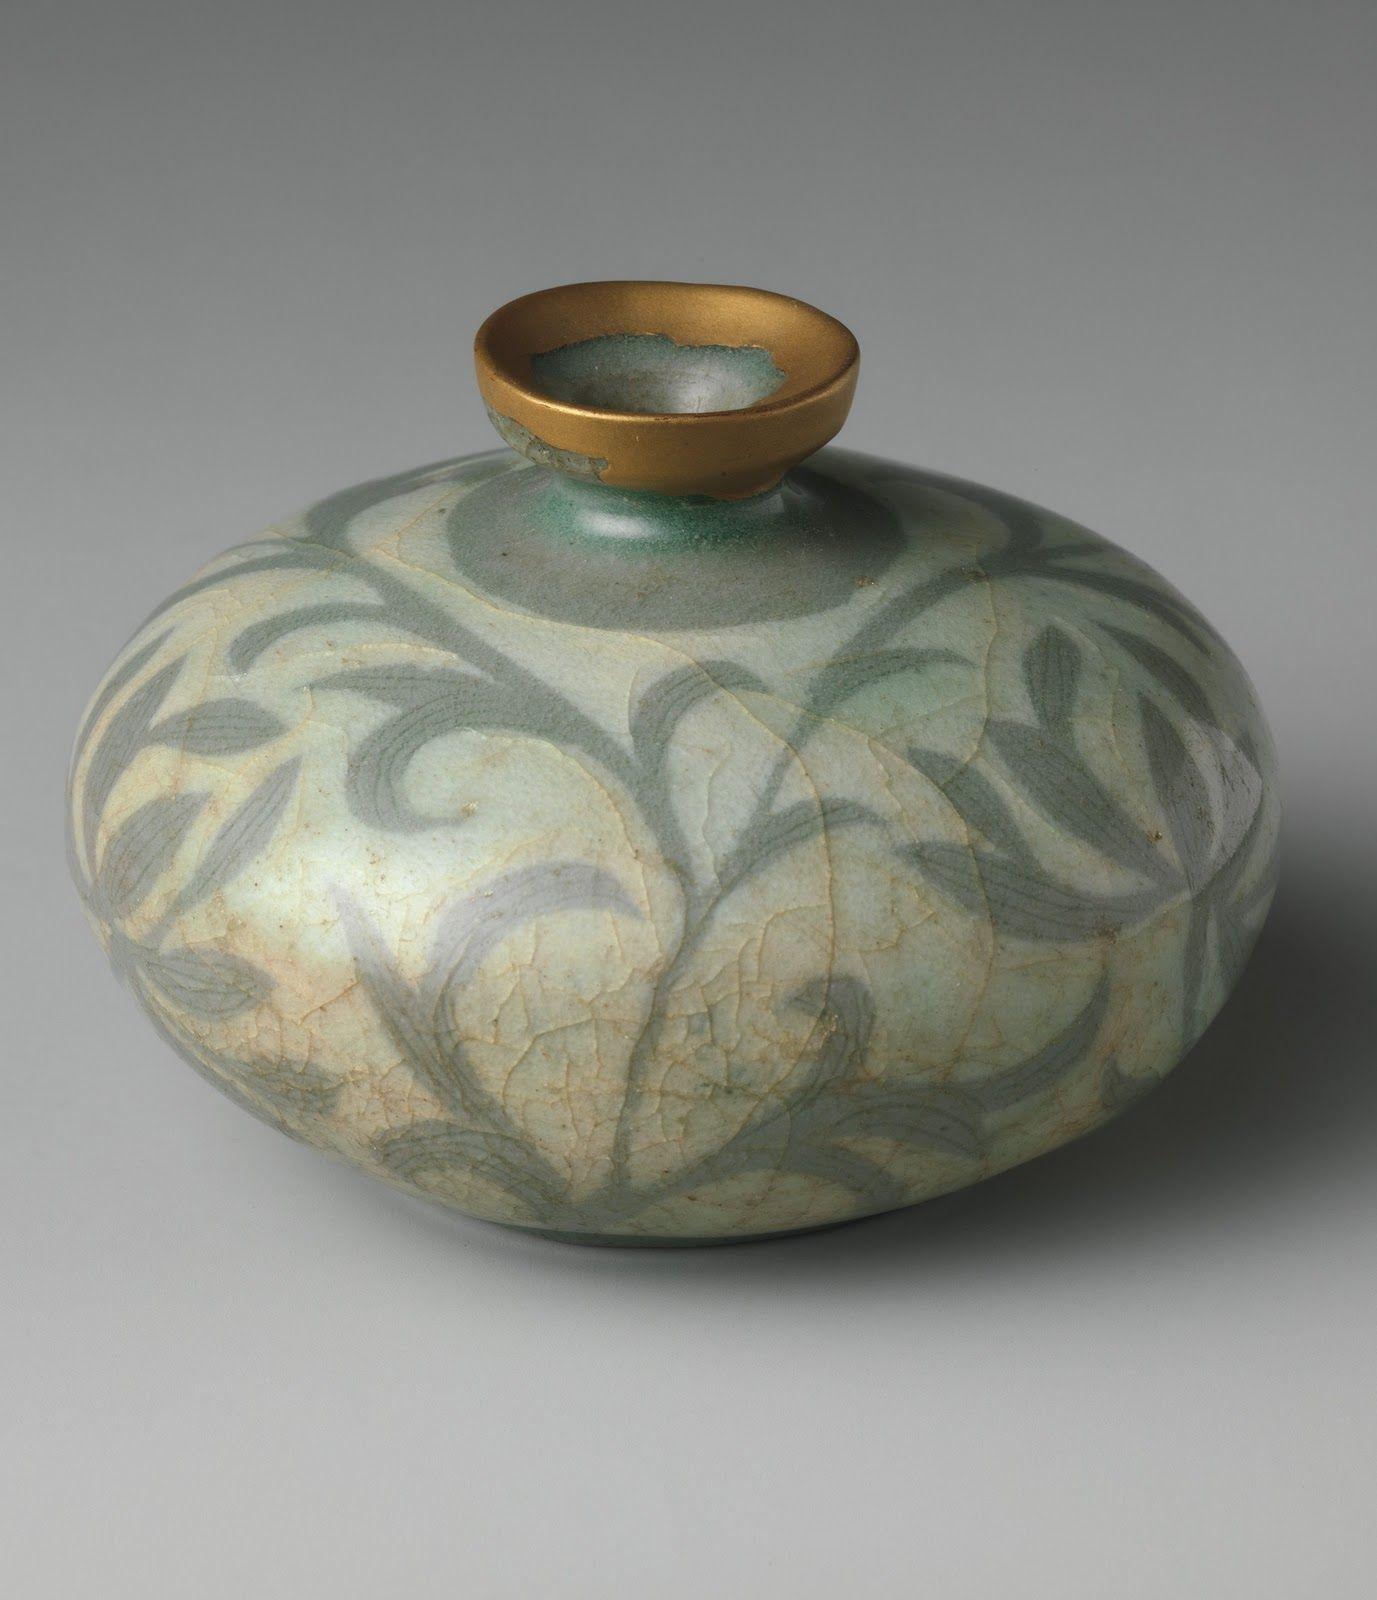 Gerro de gres amb decoracio sotacoberta de fulles de Peonies amb un esmalt d'estil celado de la dinastia Goryeo de Korea de finals del segle XII.